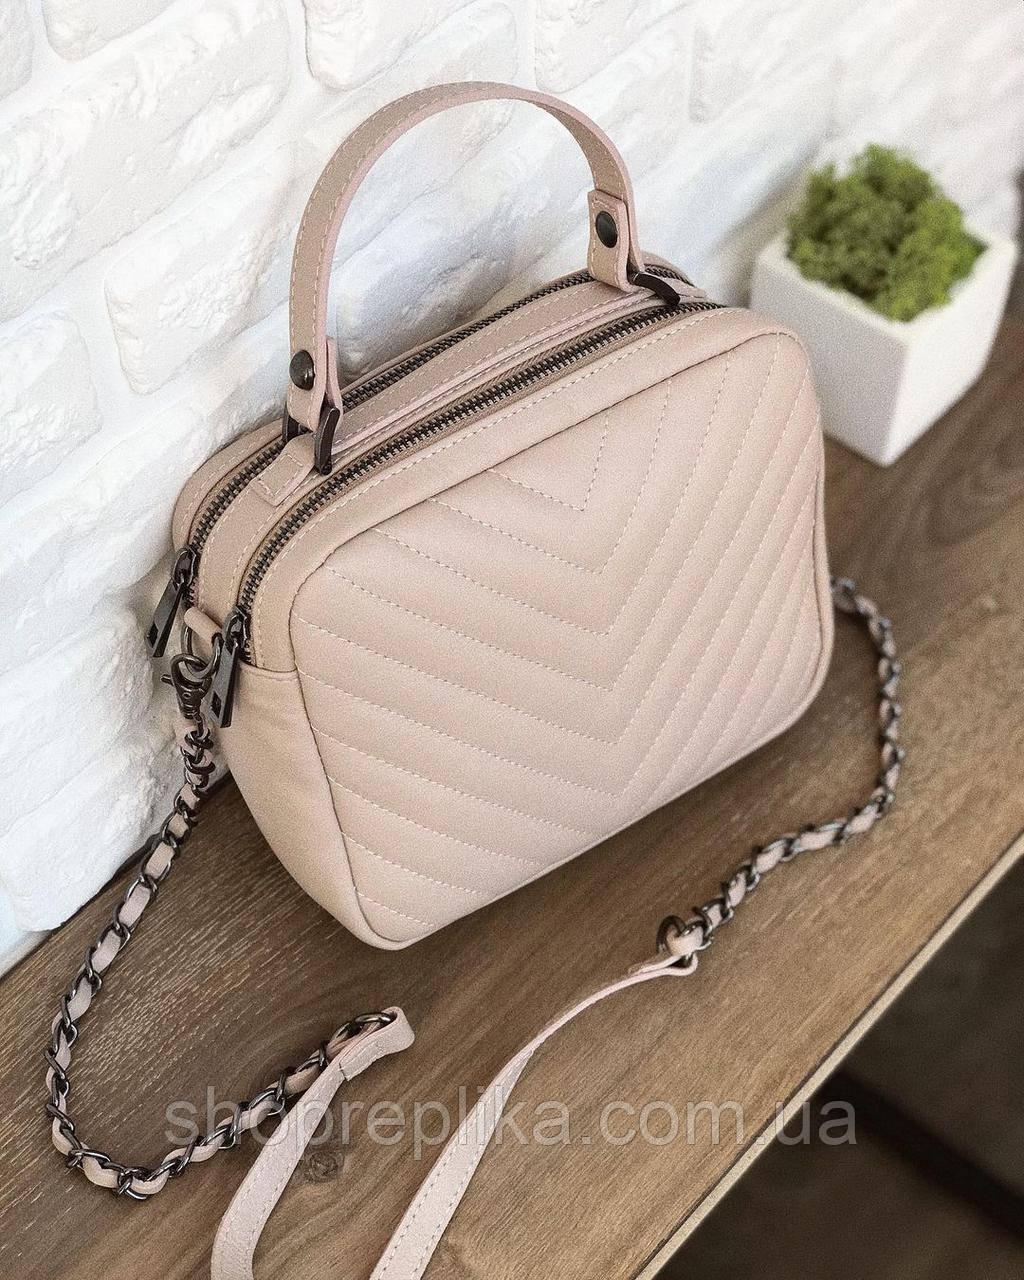 Маленькая пудровая кожаная сумка женская Италия Люкс Шкіряна сумка через плече , клатч Сумки женские пудрового